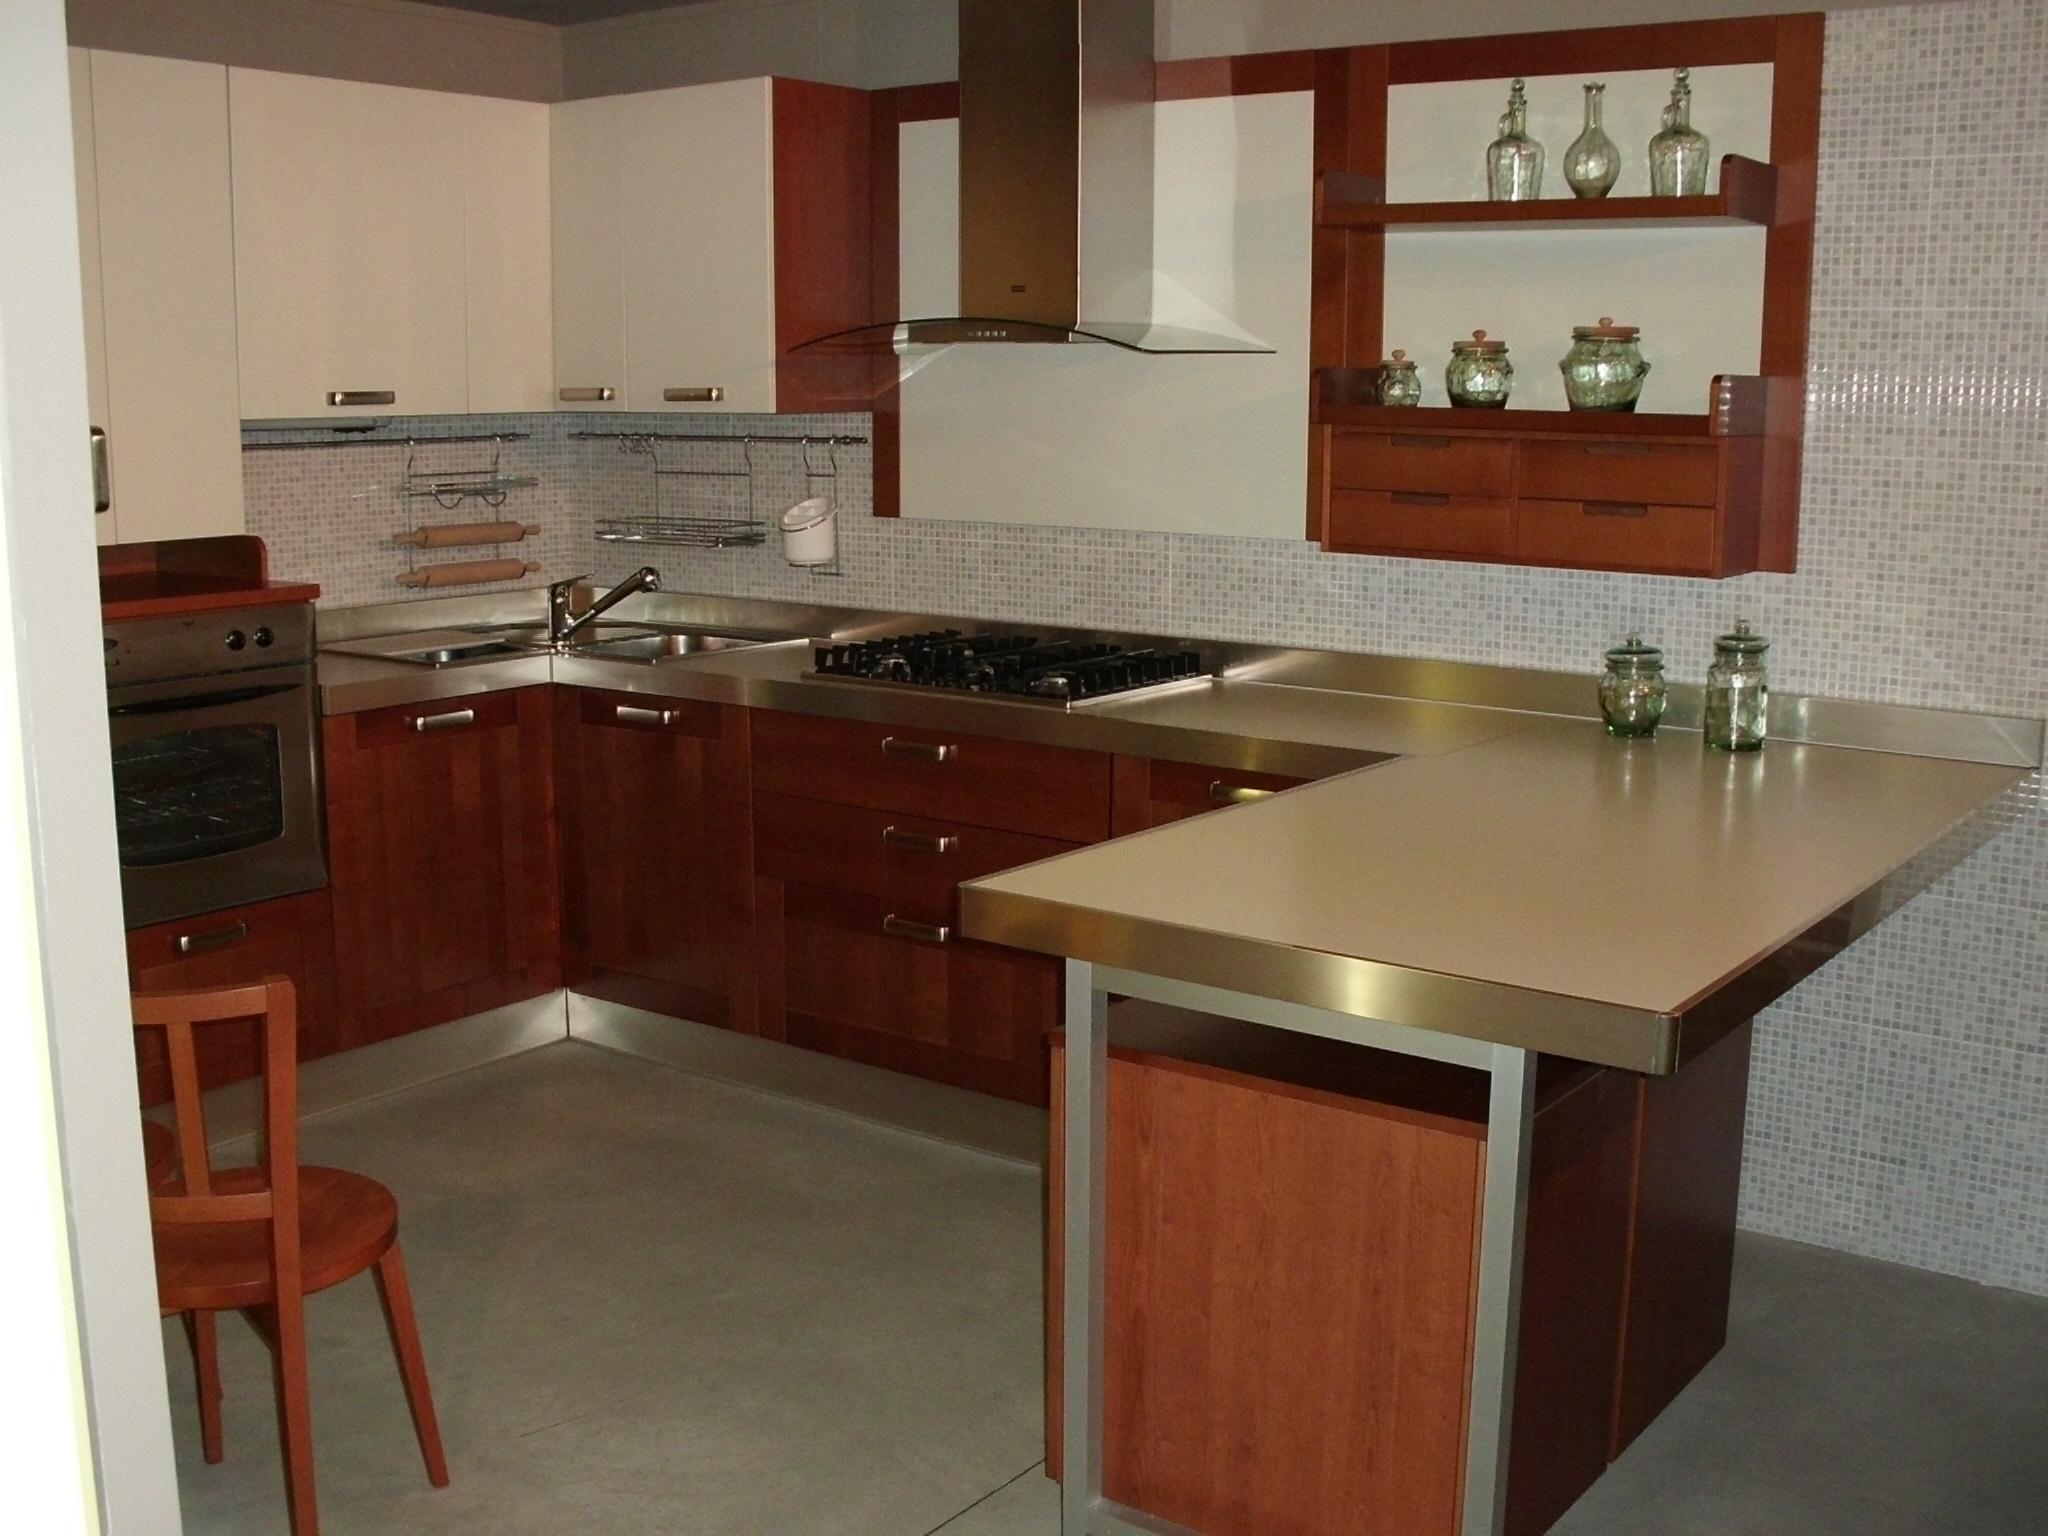 CUCINA COMPREX SCONTATISSIMA 14571 - Cucine a prezzi scontati